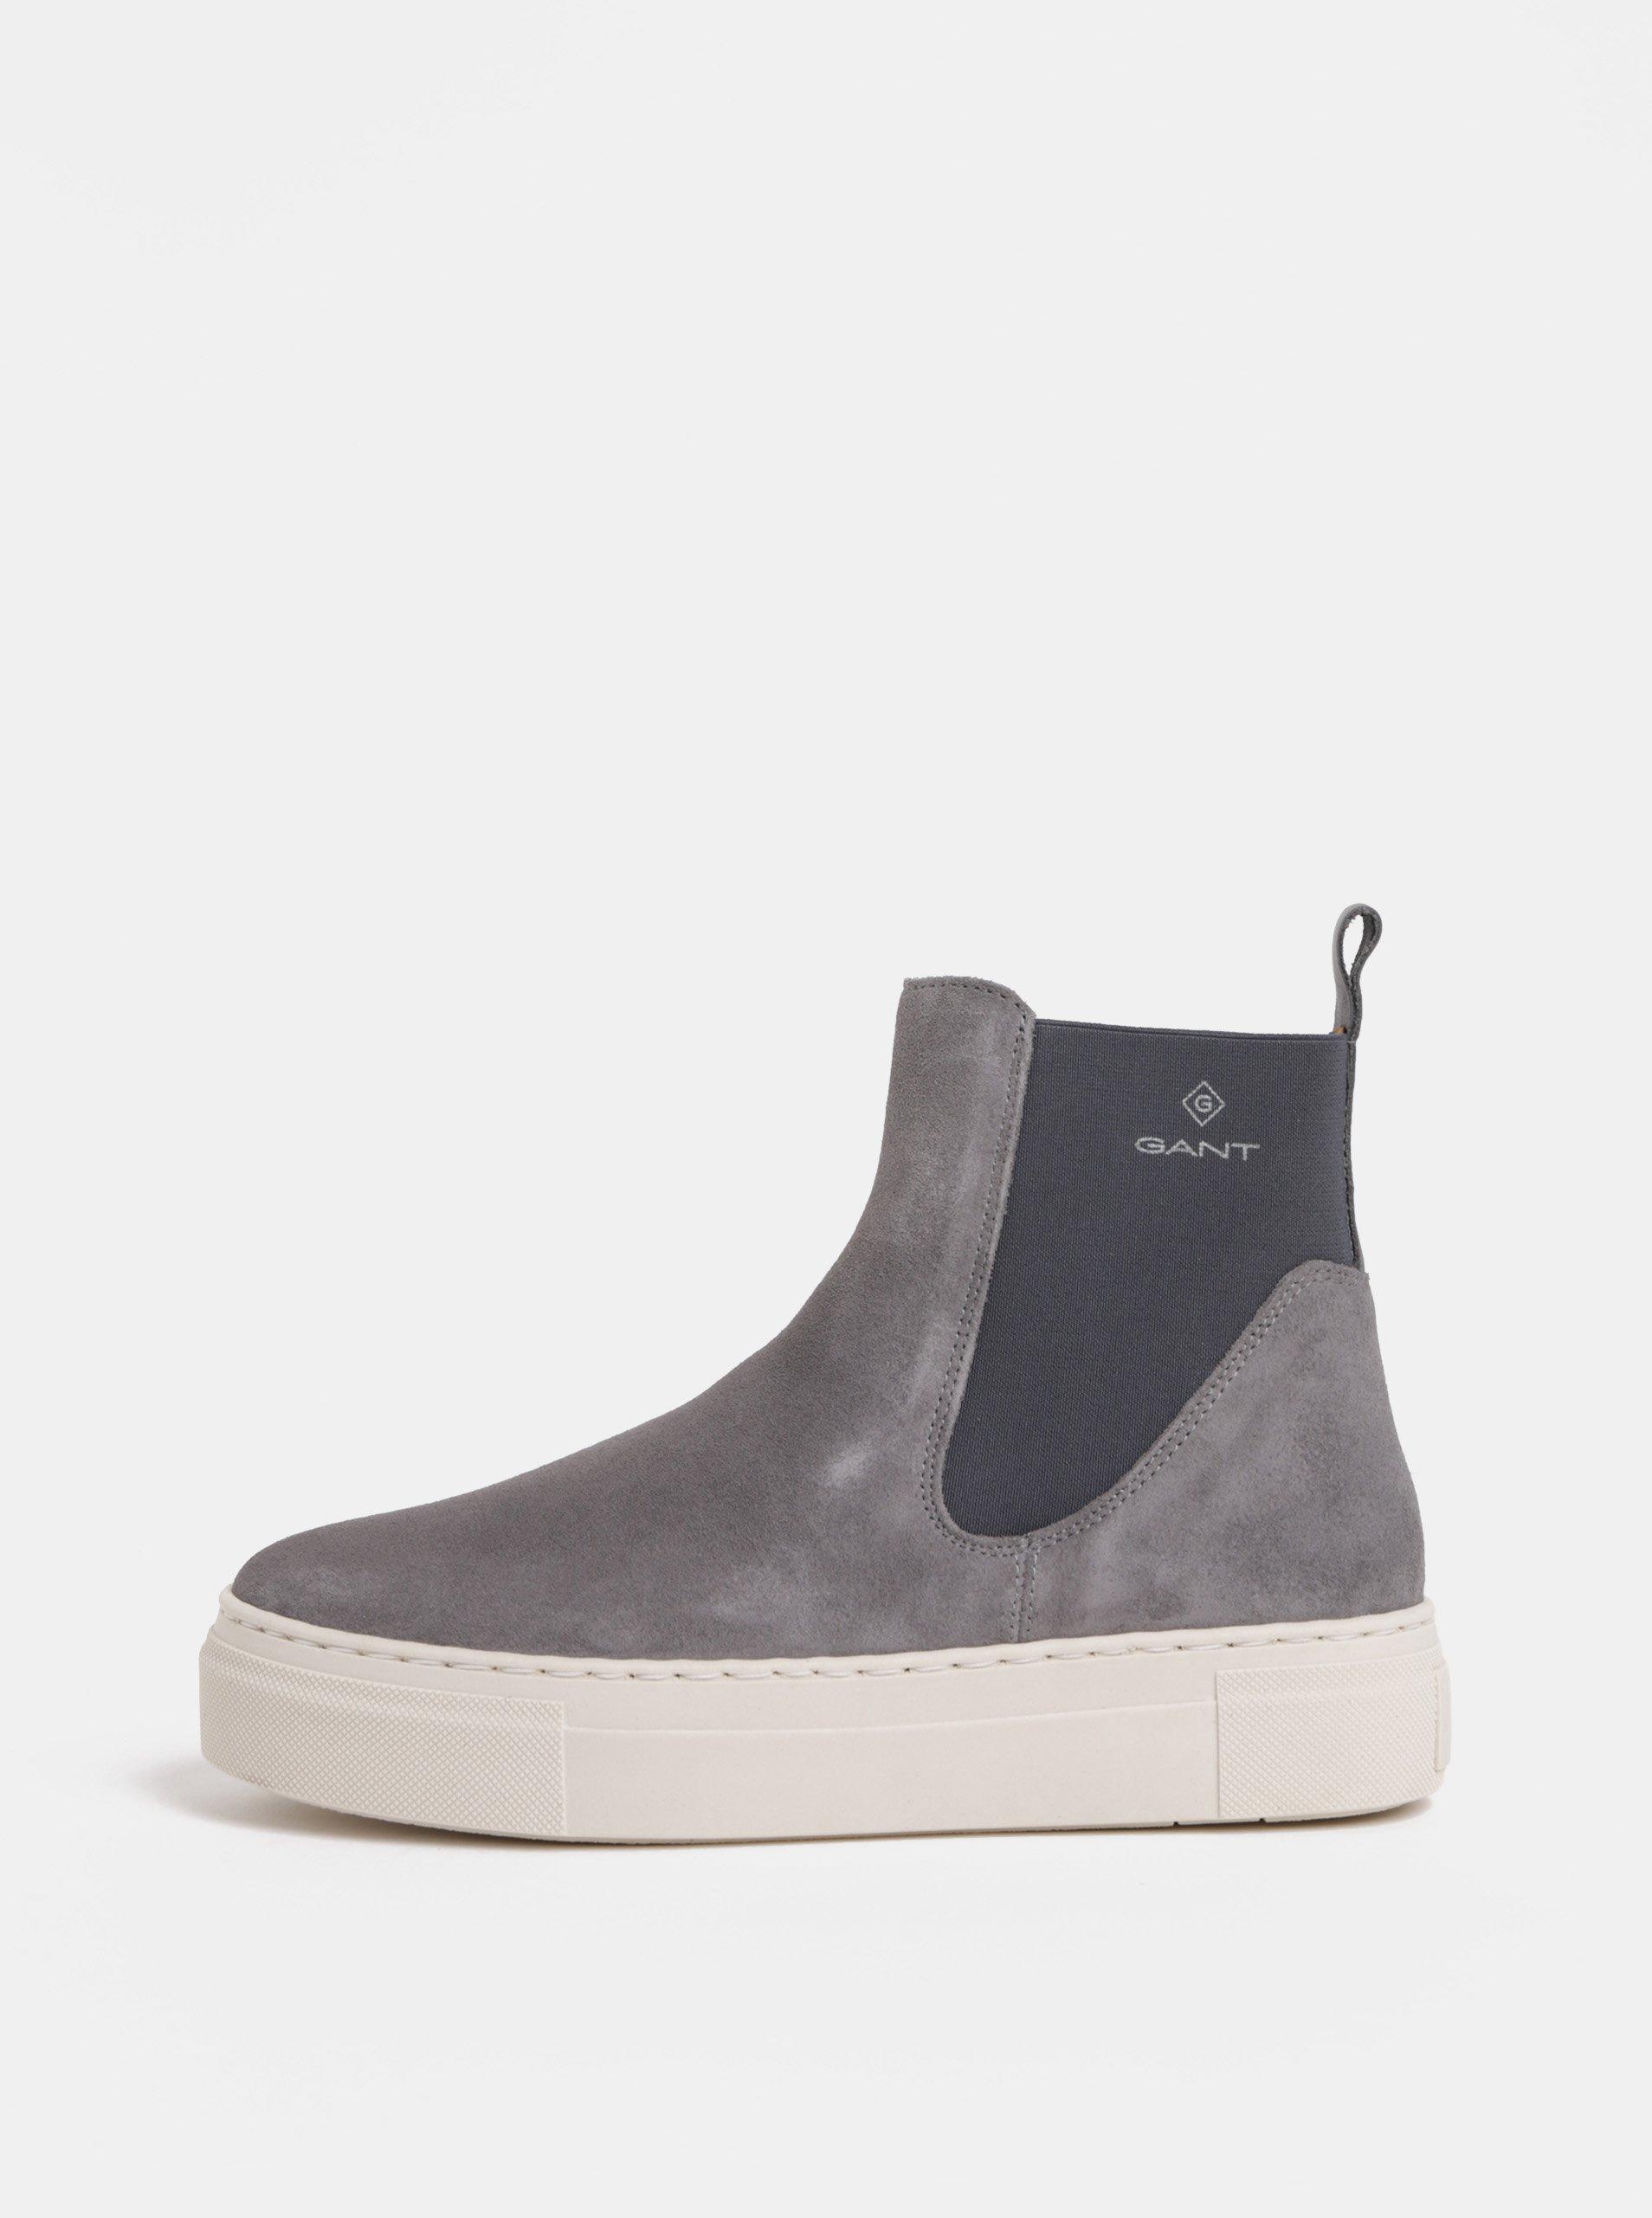 Šedé dámské semišové chelsea boty na platformě GANT Marie